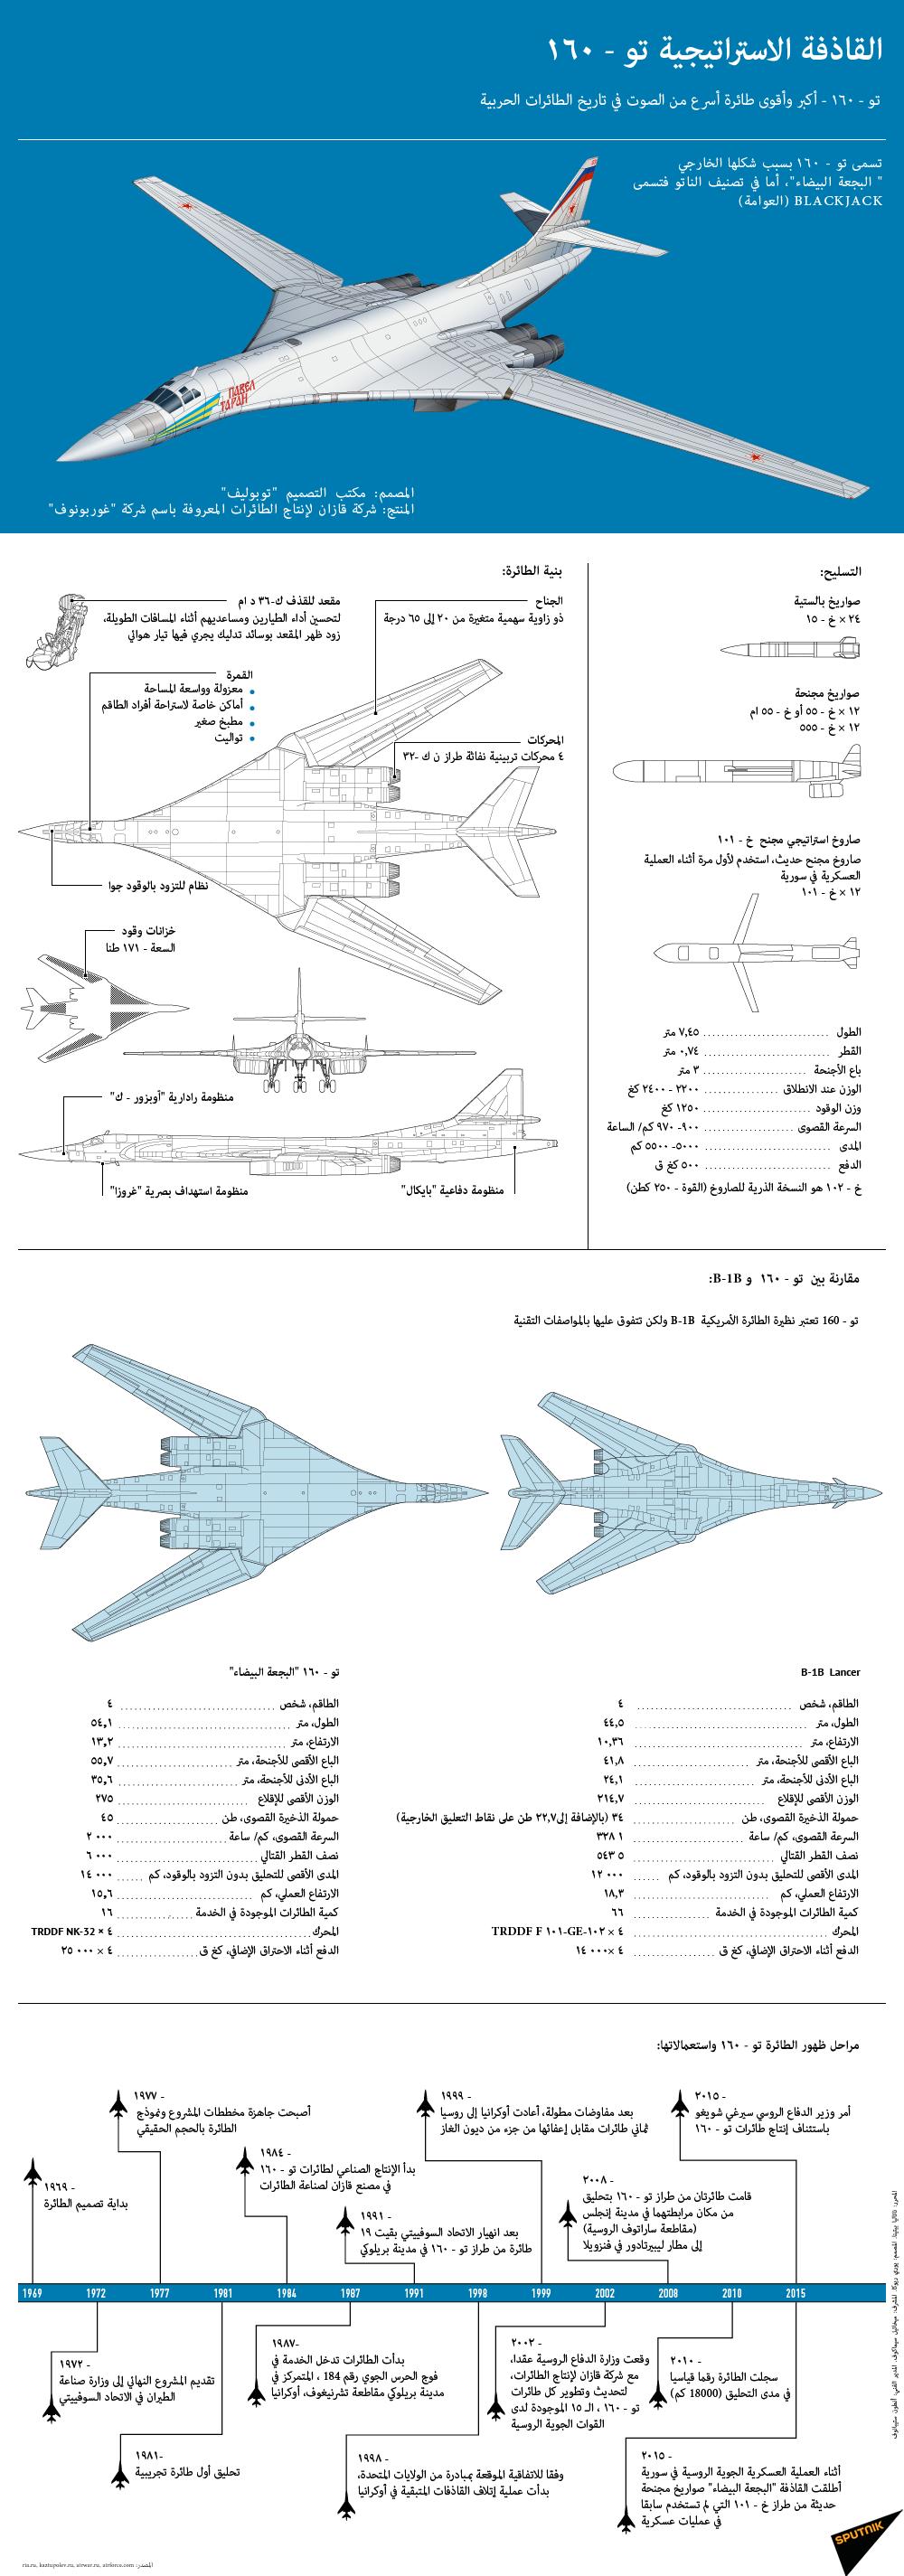 المقاتلات و القاذفات الروسية بالتفصيل 1016669090